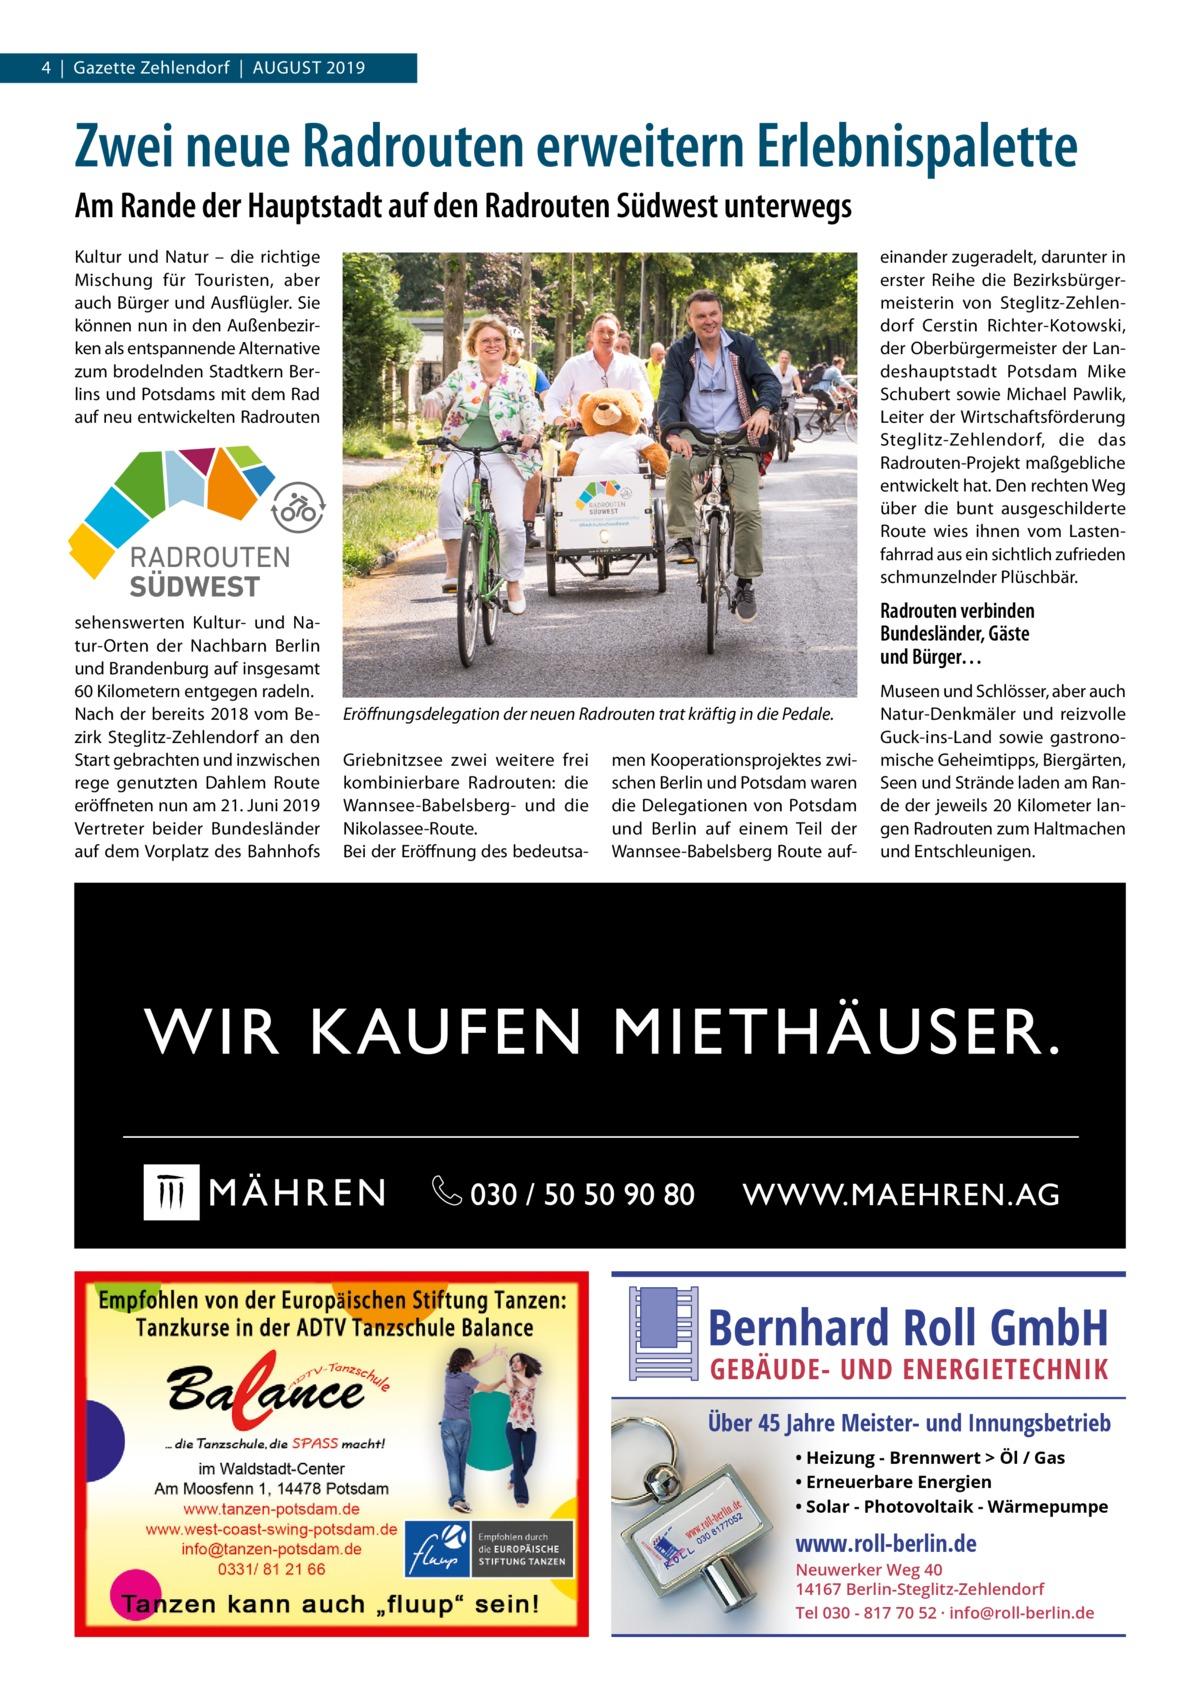 4|Gazette Zehlendorf|August 2019  Zwei neue Radrouten erweitern Erlebnispalette Am Rande der Hauptstadt auf den Radrouten Südwest unterwegs Kultur und Natur – die richtige Mischung für Touristen, aber auch Bürger und Ausflügler. Sie können nun in den Außenbezirken als entspannende Alternative zum brodelnden Stadtkern Berlins und Potsdams mit dem Rad auf neu entwickelten Radrouten  einander zugeradelt, darunter in erster Reihe die Bezirksbürgermeisterin von Steglitz-Zehlendorf Cerstin Richter-Kotowski, der Oberbürgermeister der Landeshauptstadt Potsdam Mike Schubert sowie Michael Pawlik, Leiter der Wirtschaftsförderung Steglitz-Zehlendorf, die das Radrouten-Projekt maßgebliche entwickelt hat. Den rechten Weg über die bunt ausgeschilderte Route wies ihnen vom Lastenfahrrad aus ein sichtlich zufrieden schmunzelnder Plüschbär.  RADROUTEN SÜDWEST sehenswerten Kultur- und Natur-Orten der Nachbarn Berlin und Brandenburg auf insgesamt 60Kilometern entgegen radeln. Nach der bereits 2018 vom Bezirk Steglitz-Zehlendorf an den Start gebrachten und inzwischen rege genutzten Dahlem Route eröffneten nun am 21.Juni 2019 Vertreter beider Bundesländer auf dem Vorplatz des Bahnhofs  Radrouten verbinden Bundesländer, Gäste und Bürger… Eröffnungsdelegation der neuen Radrouten trat kräftig in die Pedale. Griebnitzsee zwei weitere frei kombinierbare Radrouten: die Wannsee-Babelsberg- und die Nikolassee-Route. Bei der Eröffnung des bedeutsa men Kooperationsprojektes zwischen Berlin und Potsdam waren die Delegationen von Potsdam und Berlin auf einem Teil der Wannsee-Babelsberg Route auf Museen und Schlösser, aber auch Natur-Denkmäler und reizvolle Guck-ins-Land sowie gastronomische Geheimtipps, Biergärten, Seen und Strände laden am Rande der jeweils 20Kilometer langen Radrouten zum Haltmachen und Entschleunigen.  Bernhard Roll GmbH GEBÄUDE- UND ENERGIETECHNIK  Über 45 Jahre Meister- und Innungsbetrieb • Heizung - Brennwert  Öl / Gas • Erneuerbare Energien • Solar - Photovoltaik - Wärmepumpe